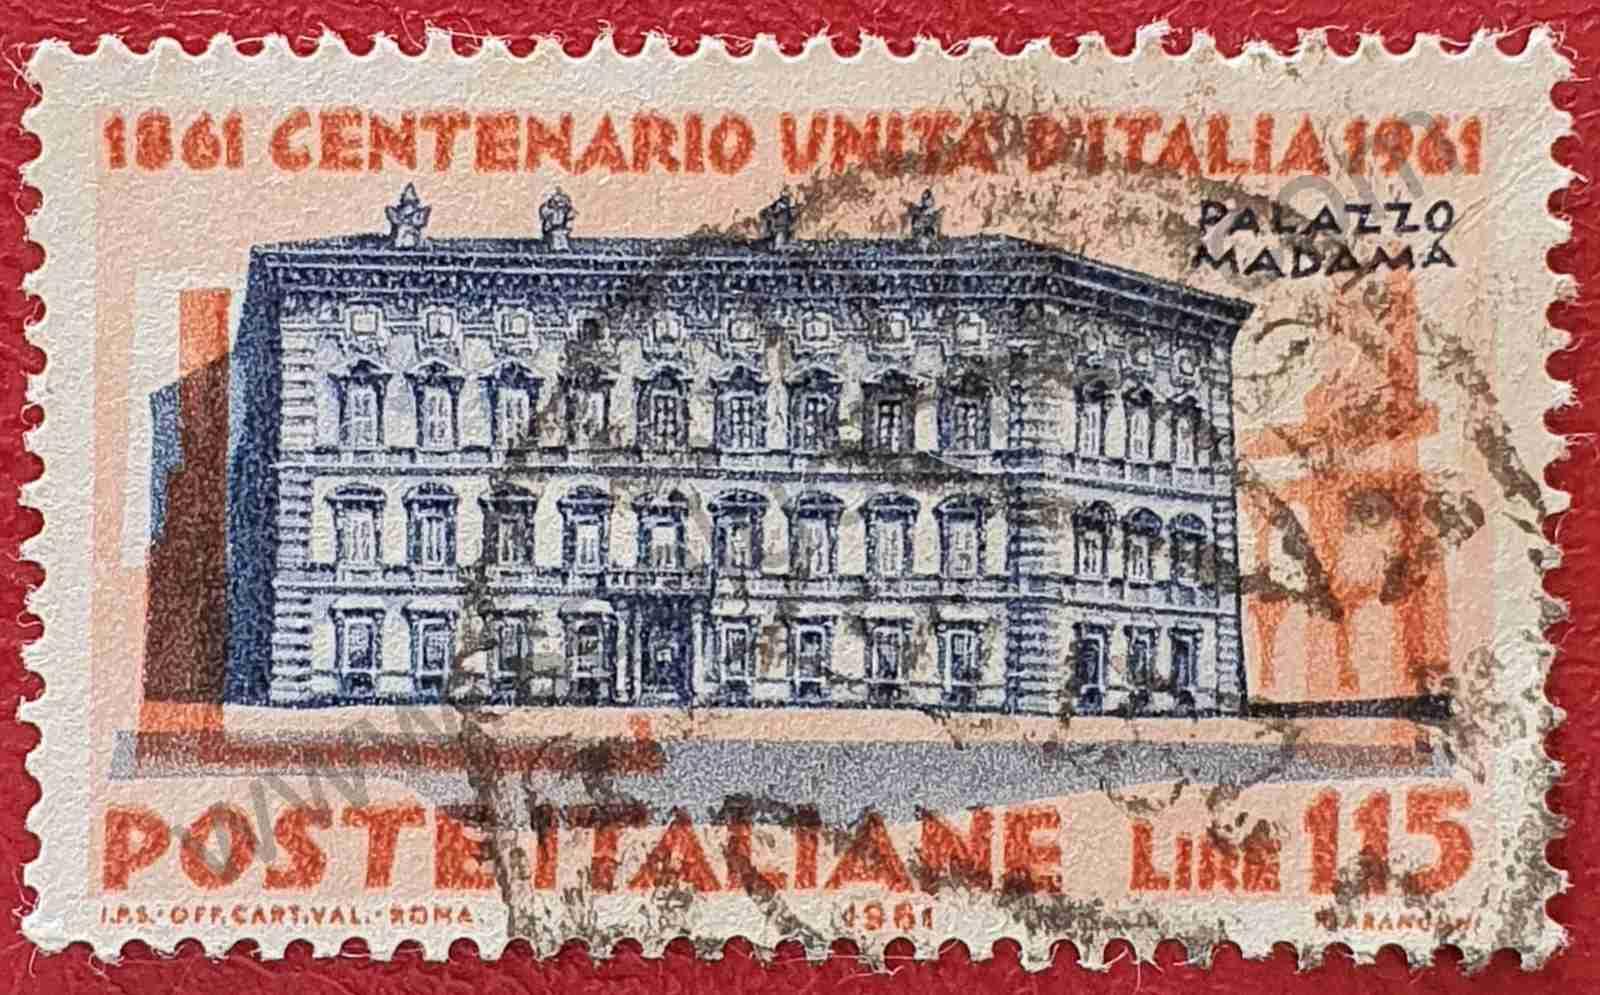 Palacio Madama - Sello Italia 1961